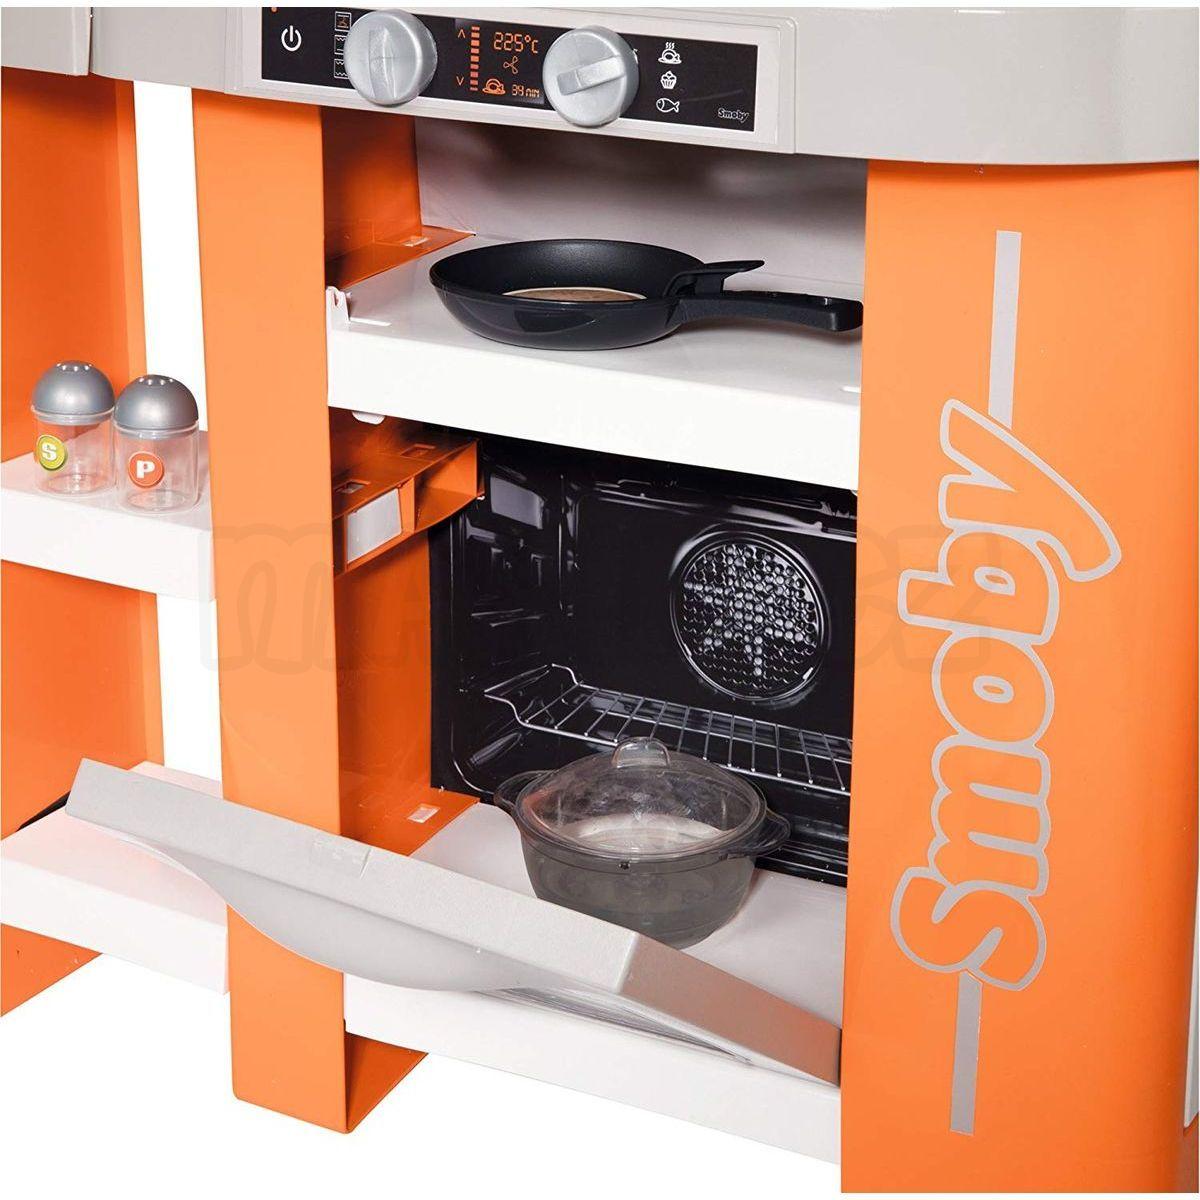 57744ce54 +5 dalších. Smoby Kuchyňka Tefal Studio XL Bubble oranžovo-šedá  elektronická 6 Smoby Kuchyňka Tefal Studio ...